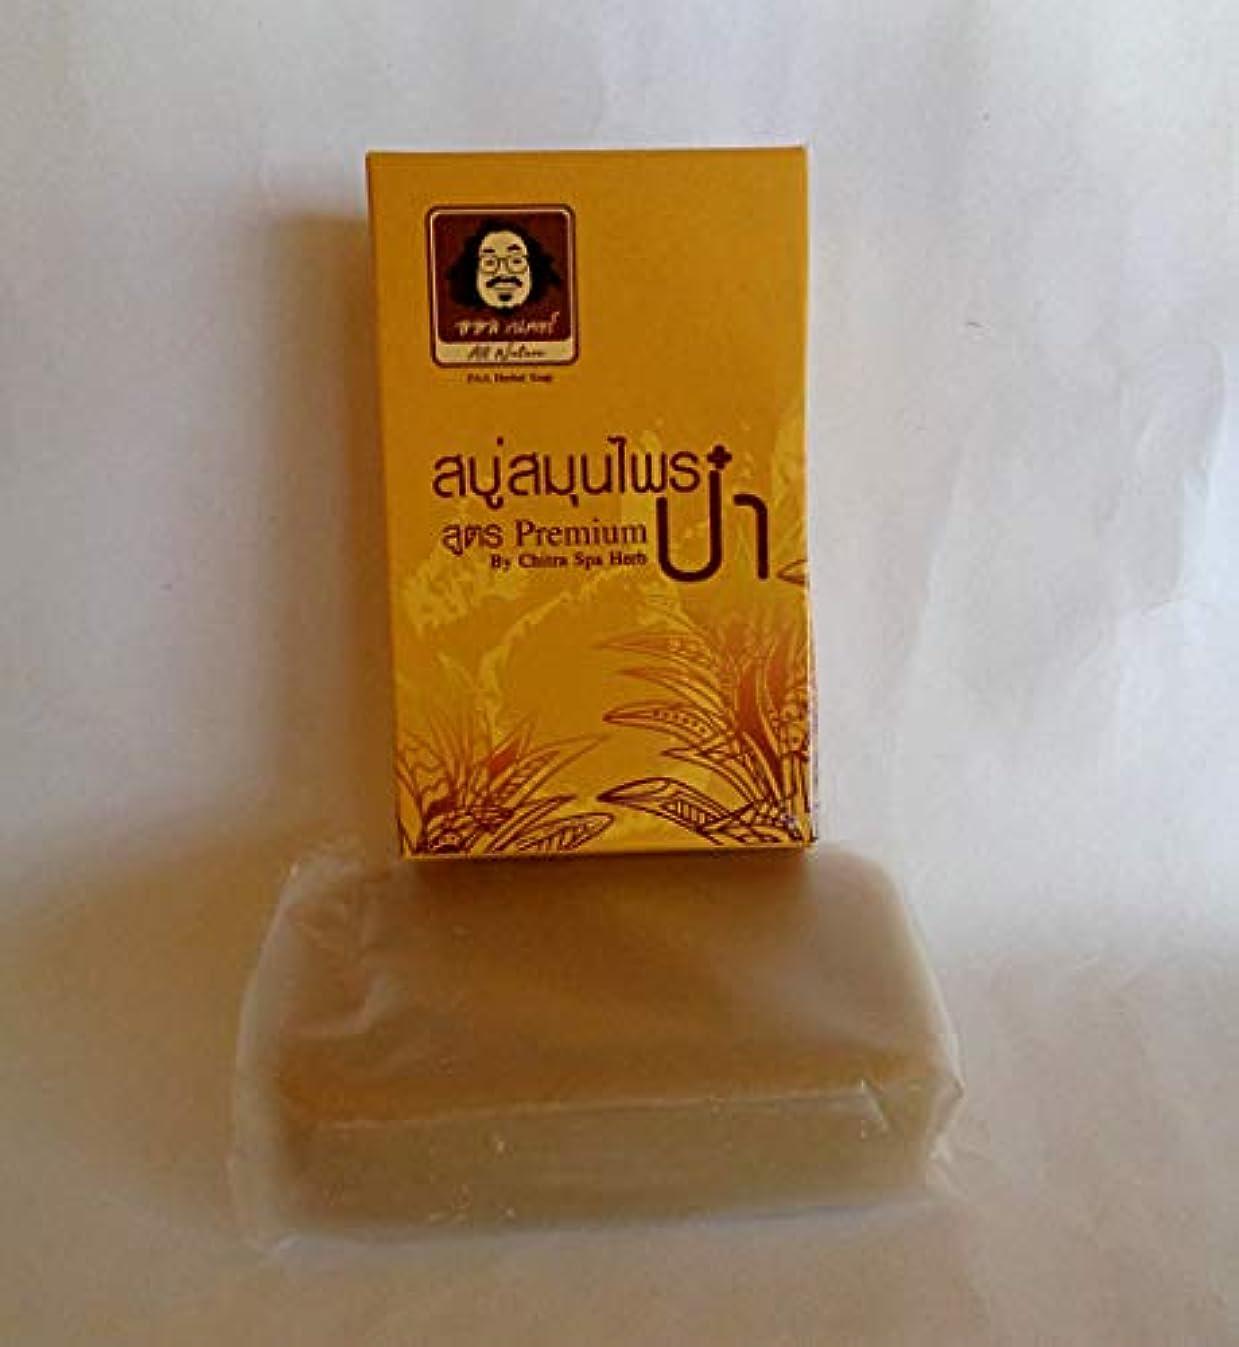 仲間、同僚溶ける温度Paa Herbal soap all nature chemical free Premium Fomula ハーバルソープオールケミカルフリープレミアムフォーミュラ 100 g.